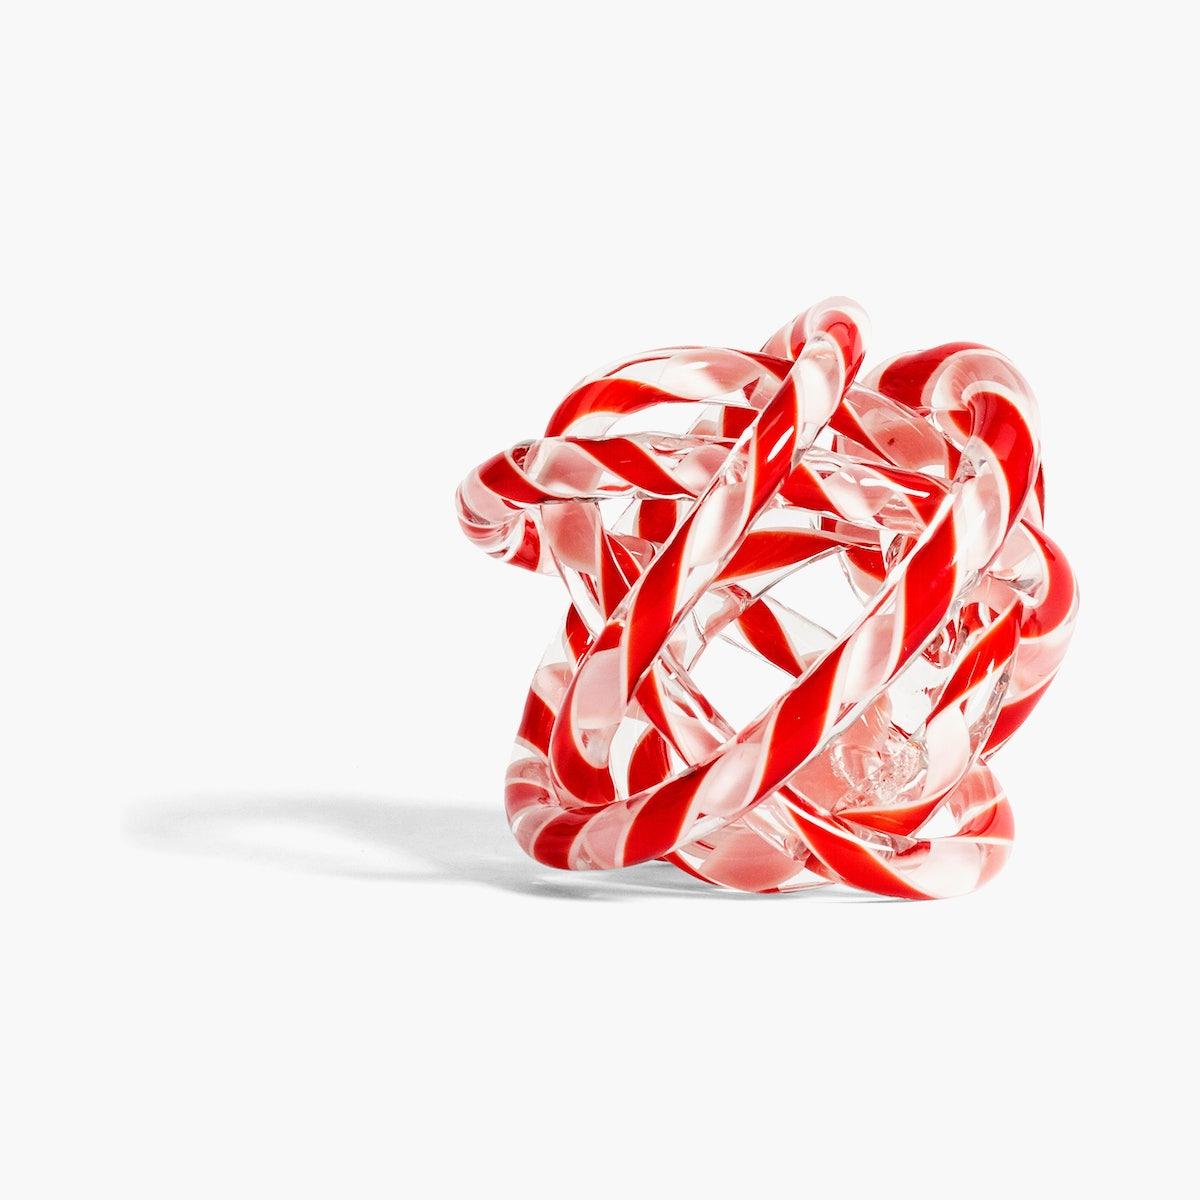 Knot #2 Sculpture